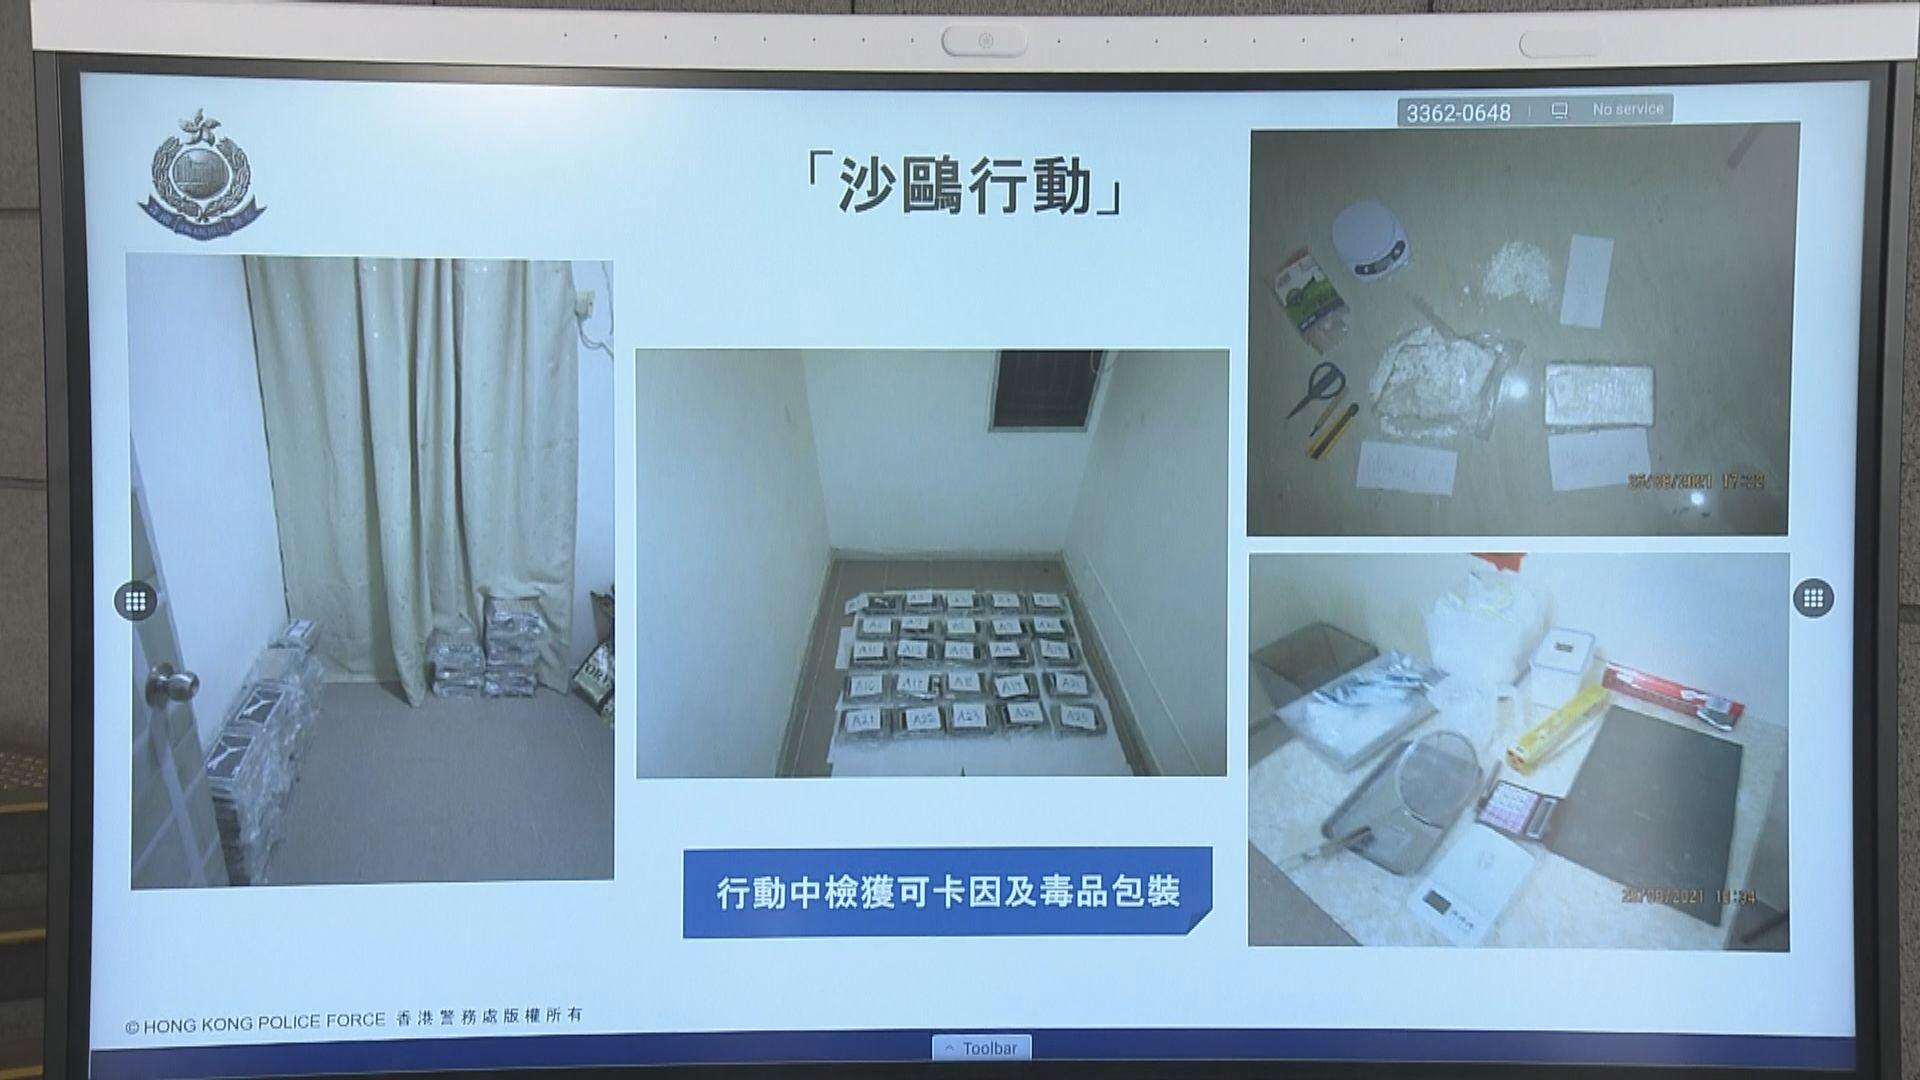 警方打擊網上販毒逾億元毒品拘15人